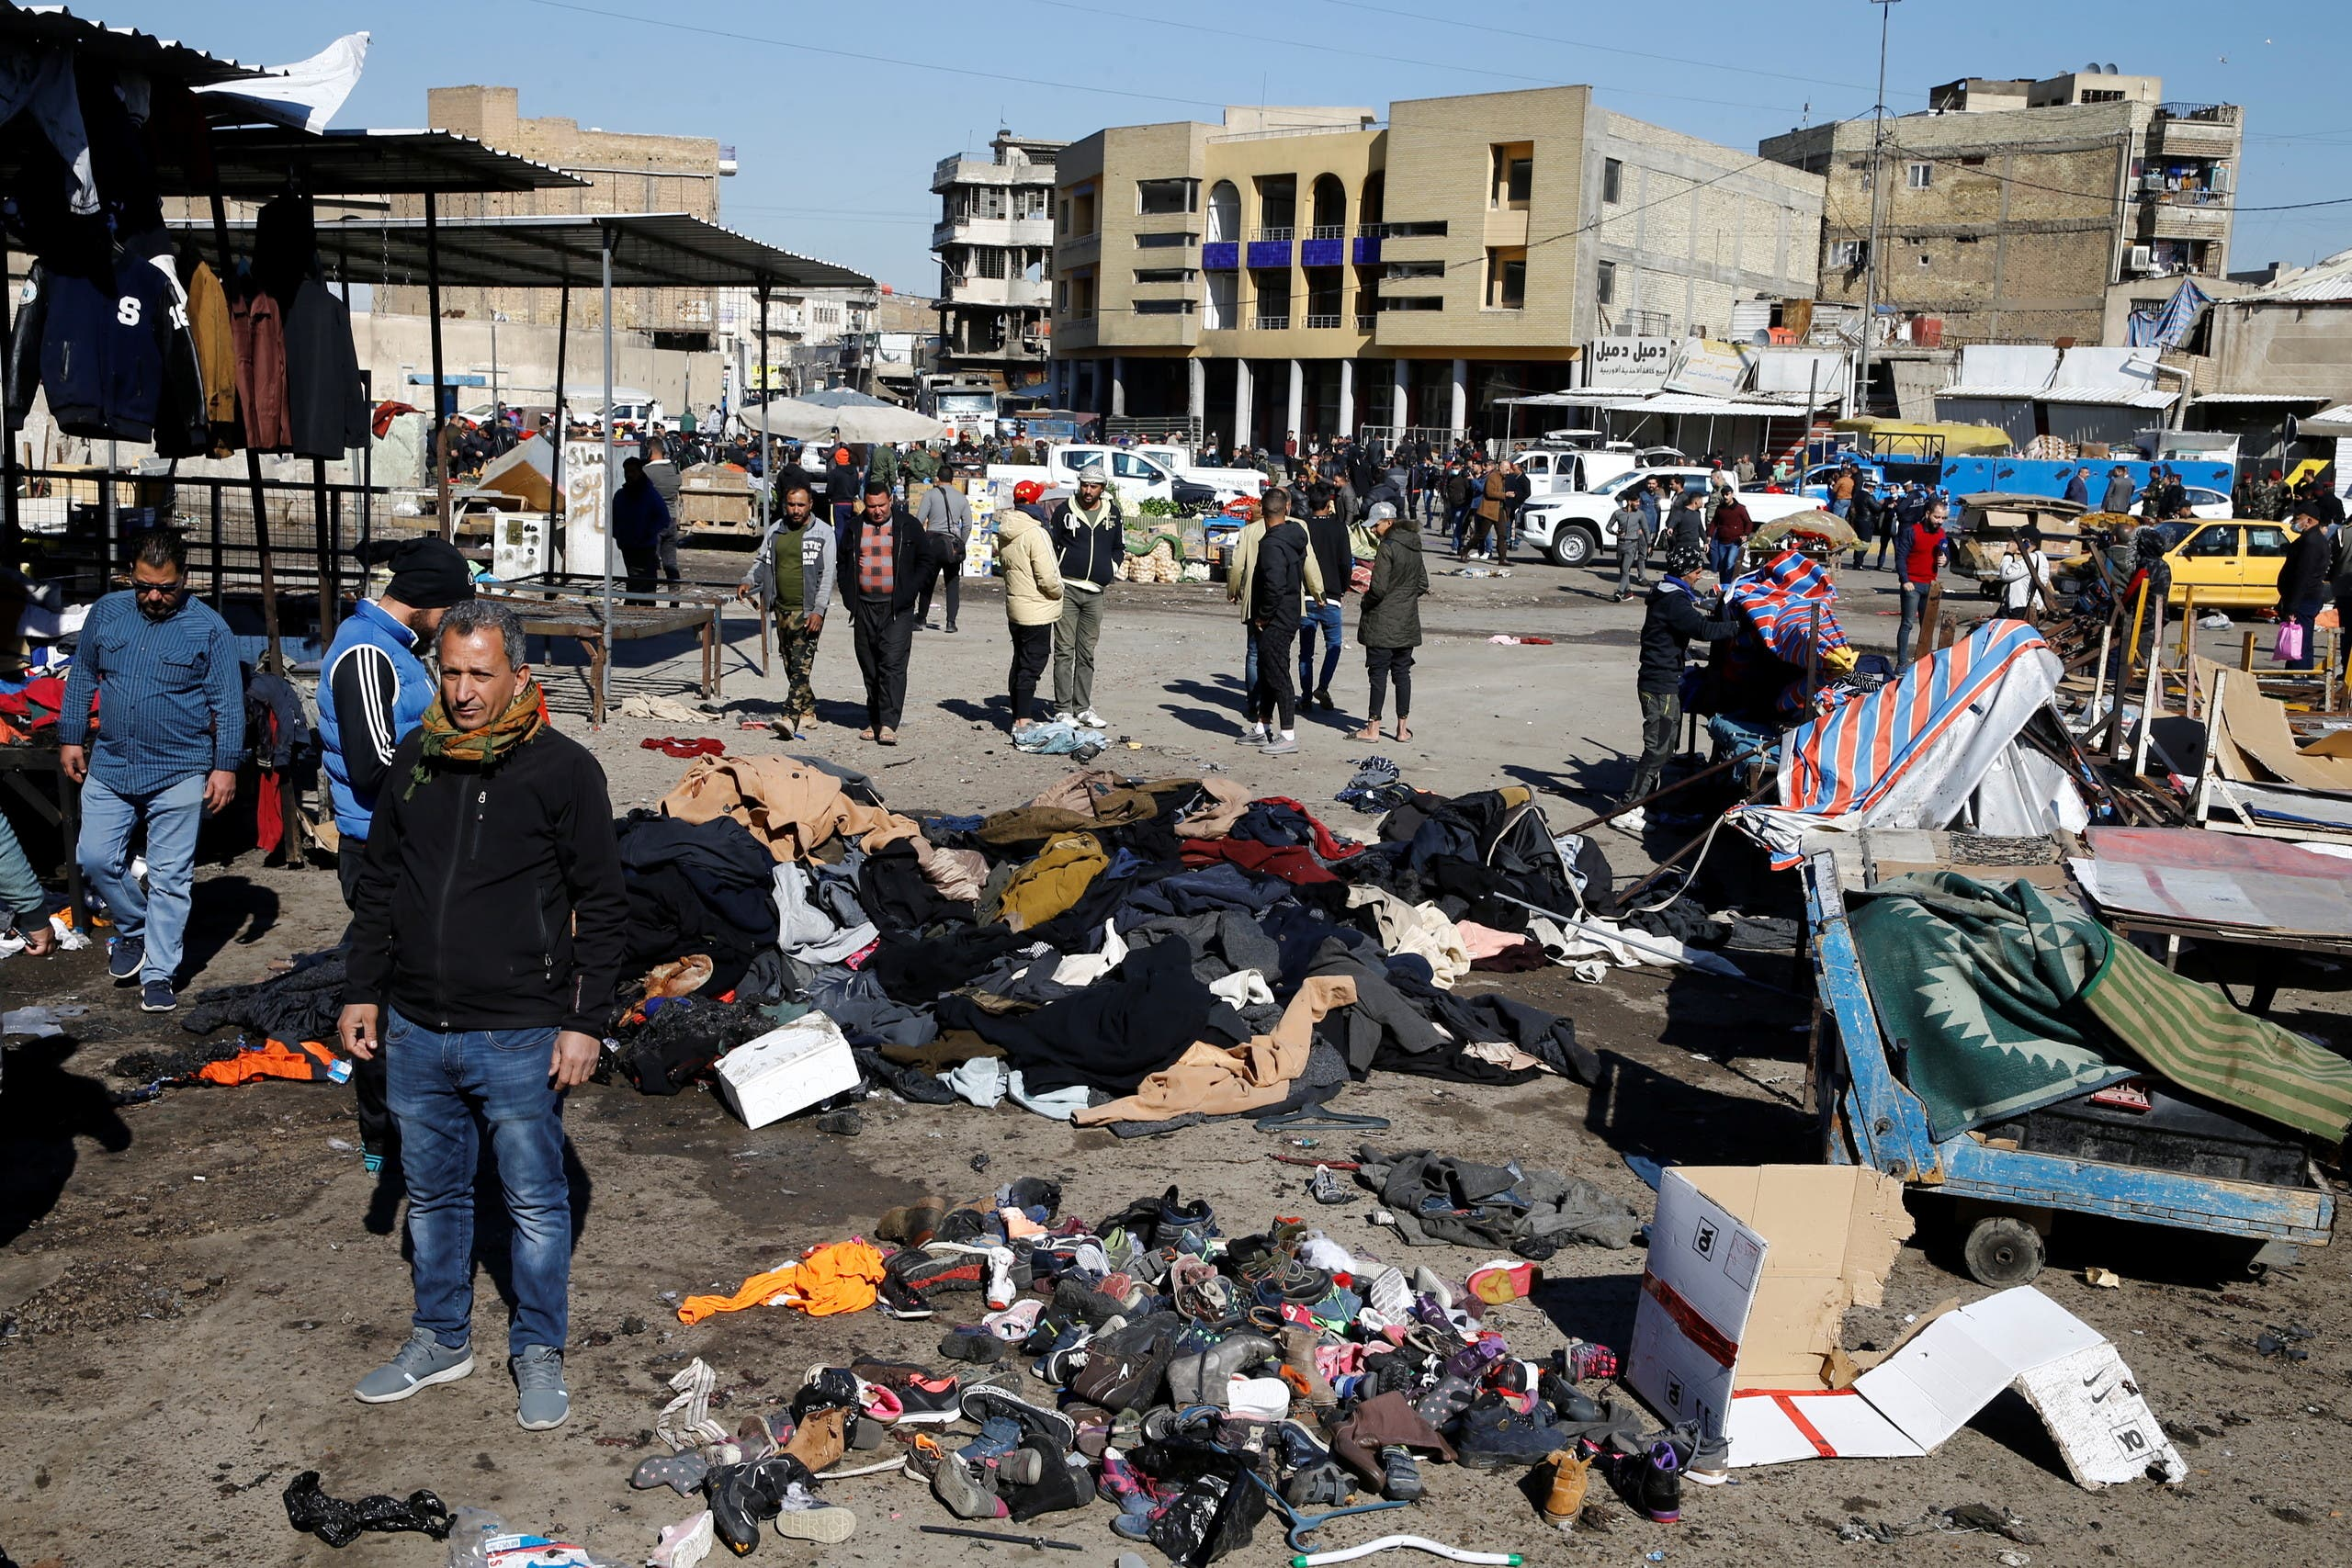 محل بمب گذاری در بغداد